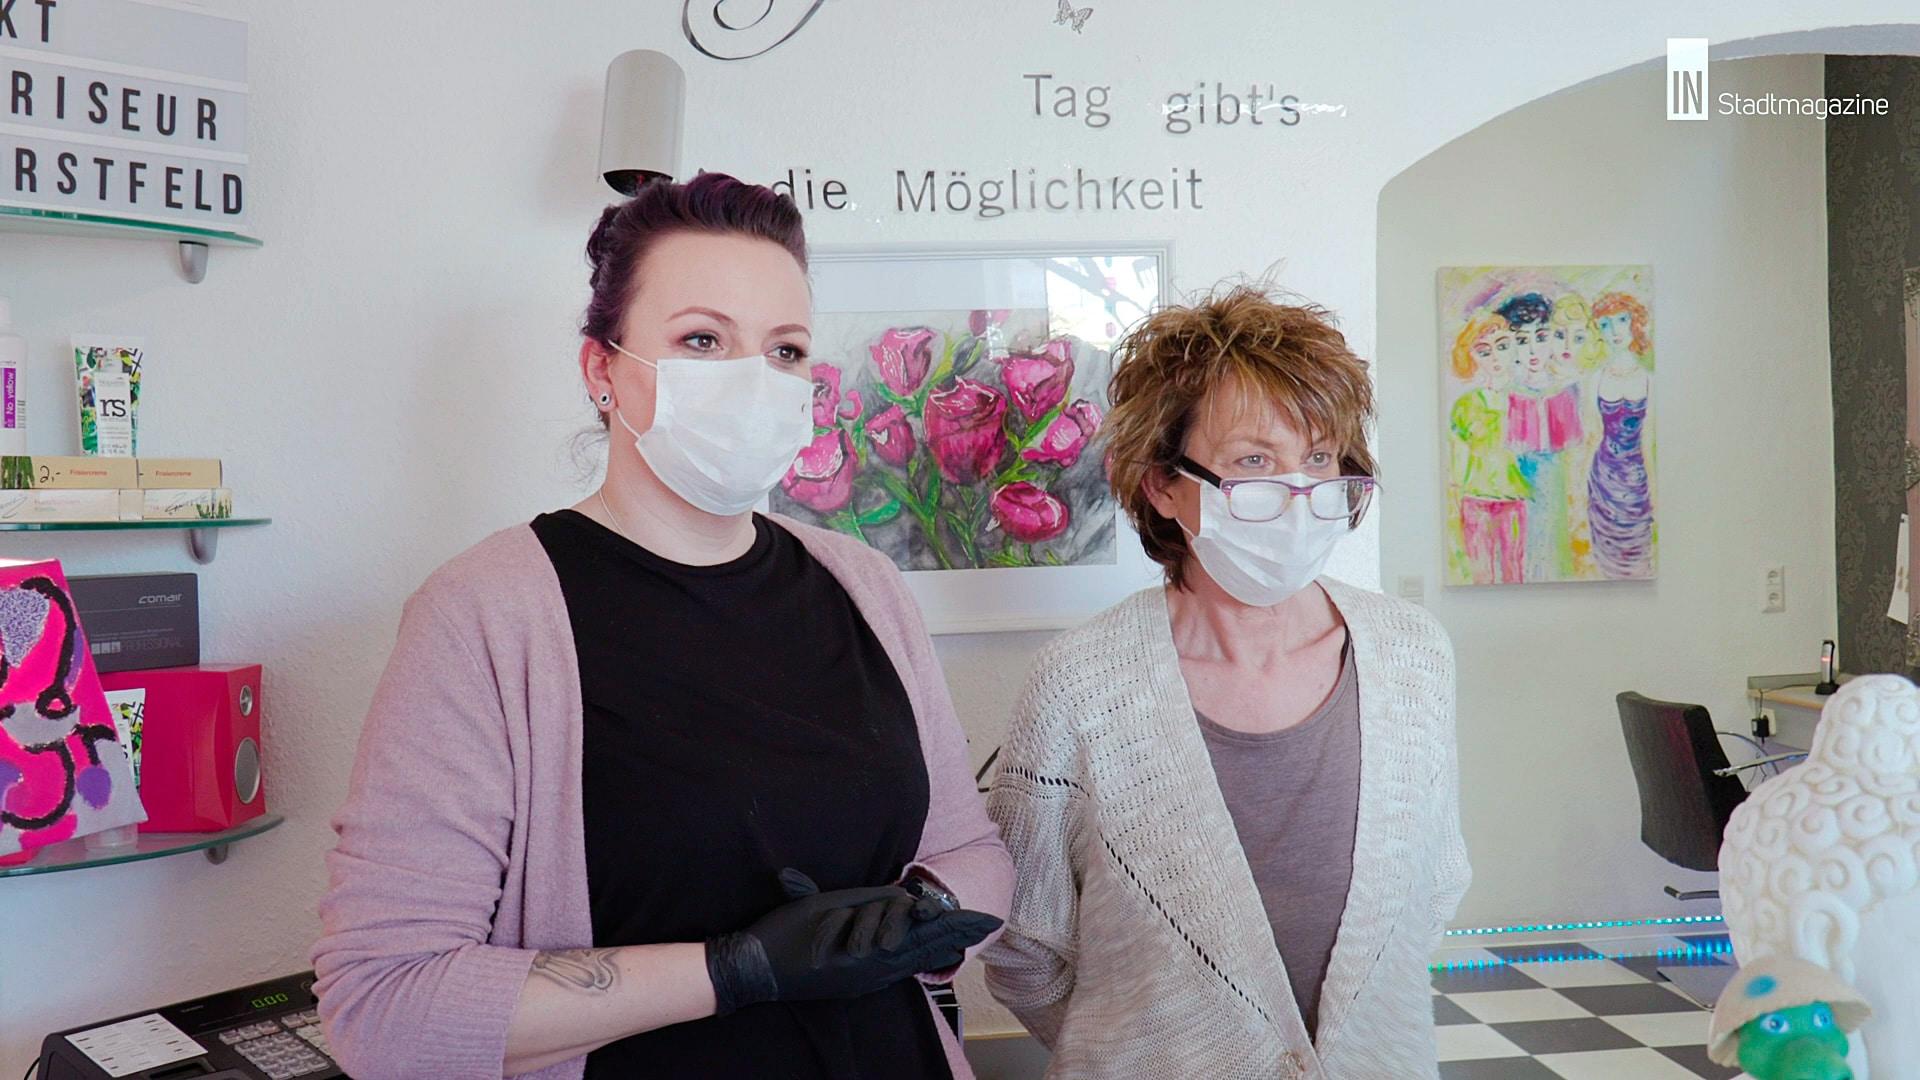 Ein ungewohnter Anblick: Mit Mundschutz und Handschuhen im Friseursalon KT in Dorstfeld. (Foto: IN-Stadtmagazine)